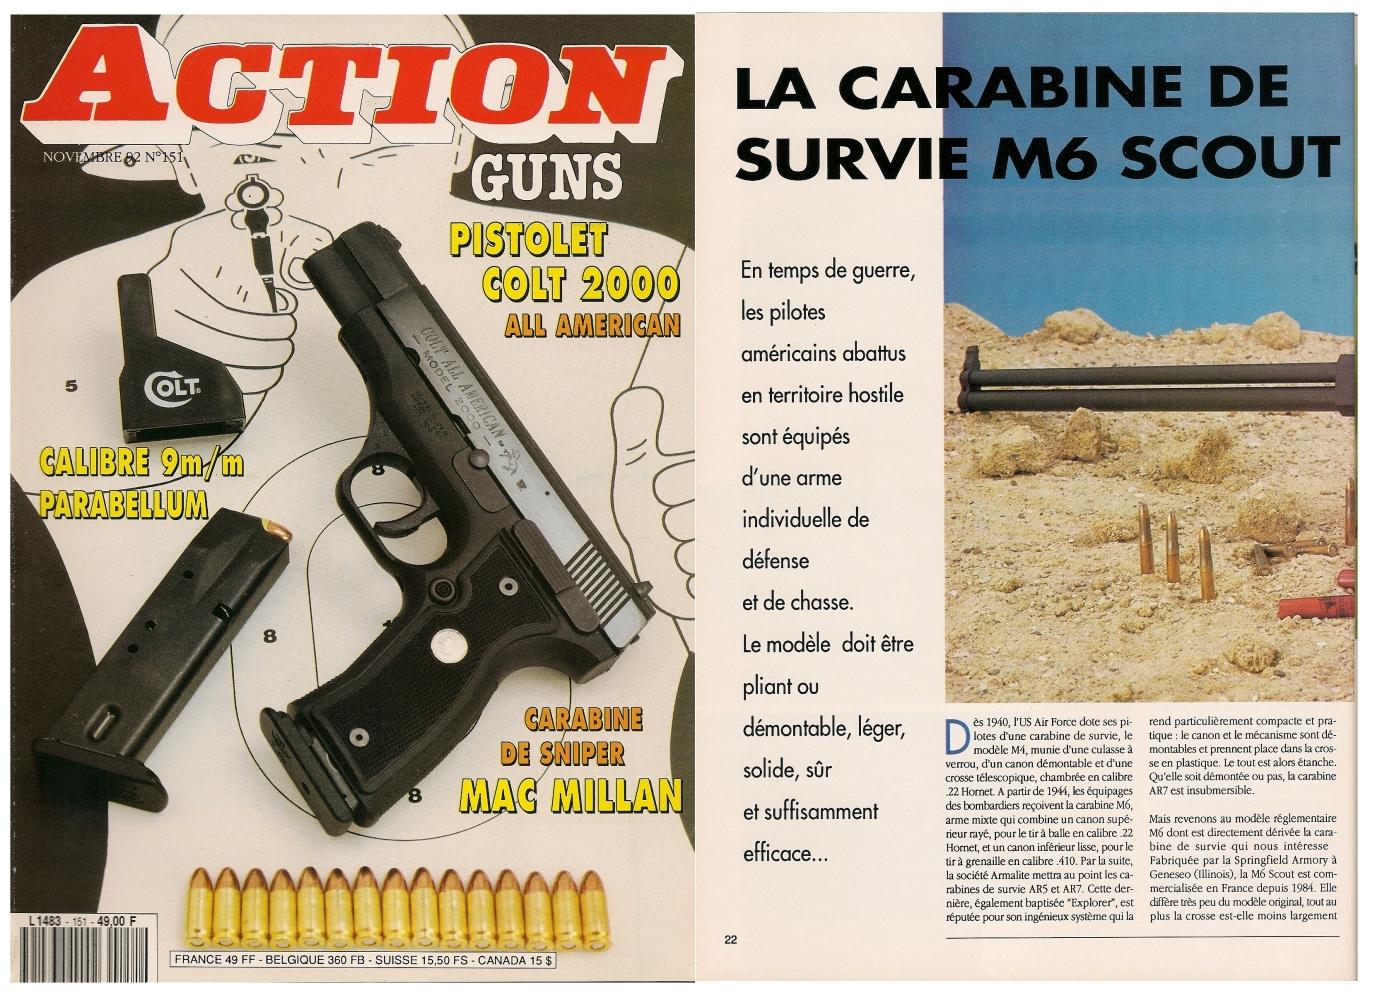 Le banc d'essai de la carabine de survie M6 Scout a été publié sur 5 pages dans le magazine Action Guns n° 151 (novembre 1992).